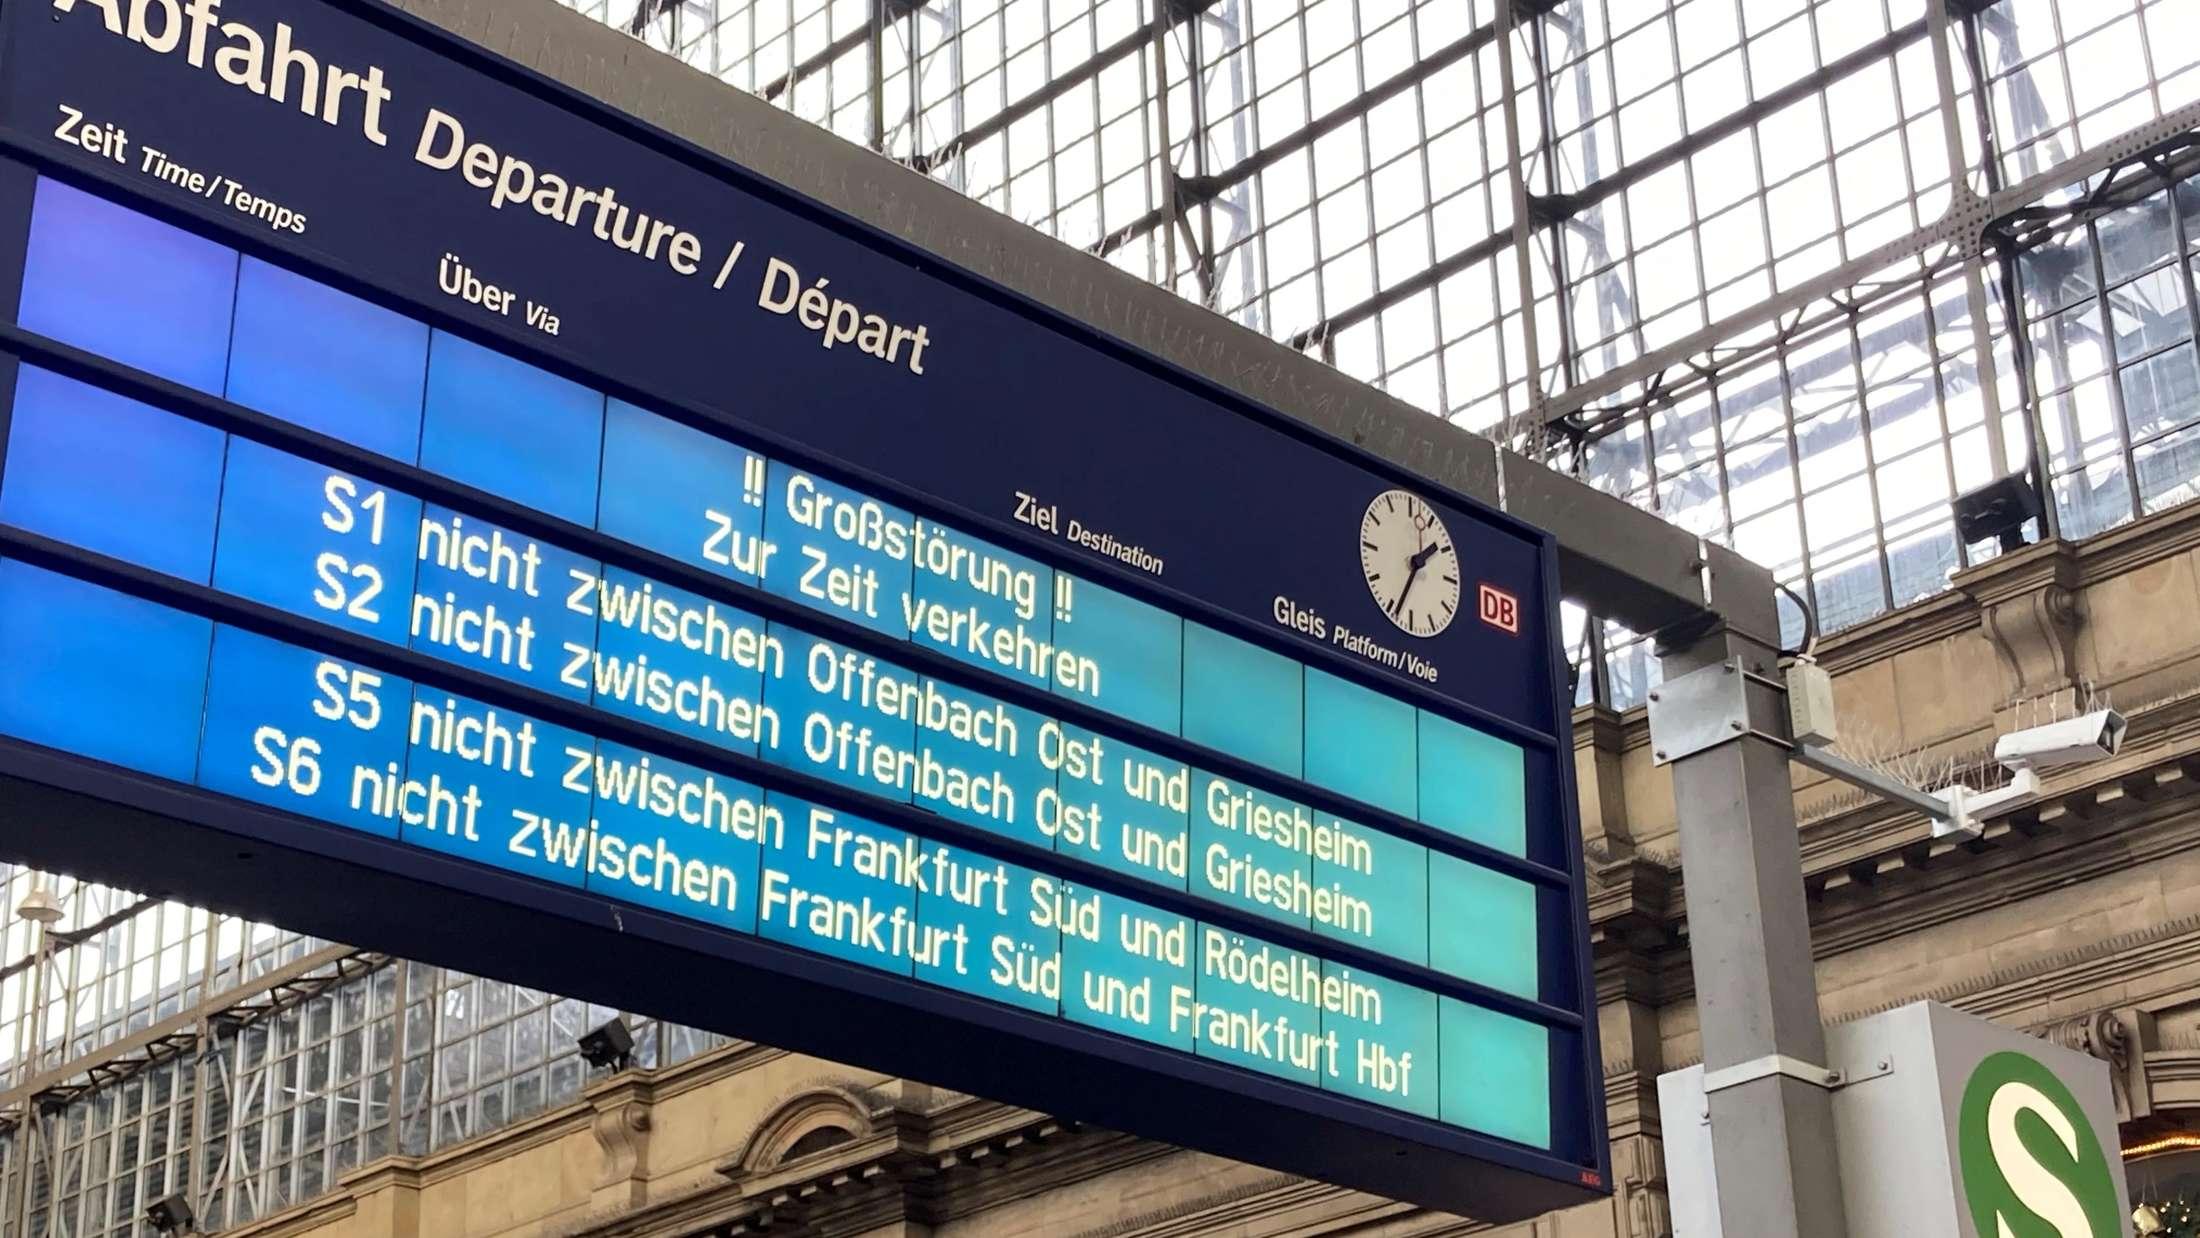 S-Bahn Störung und Ihre Auswirkungen